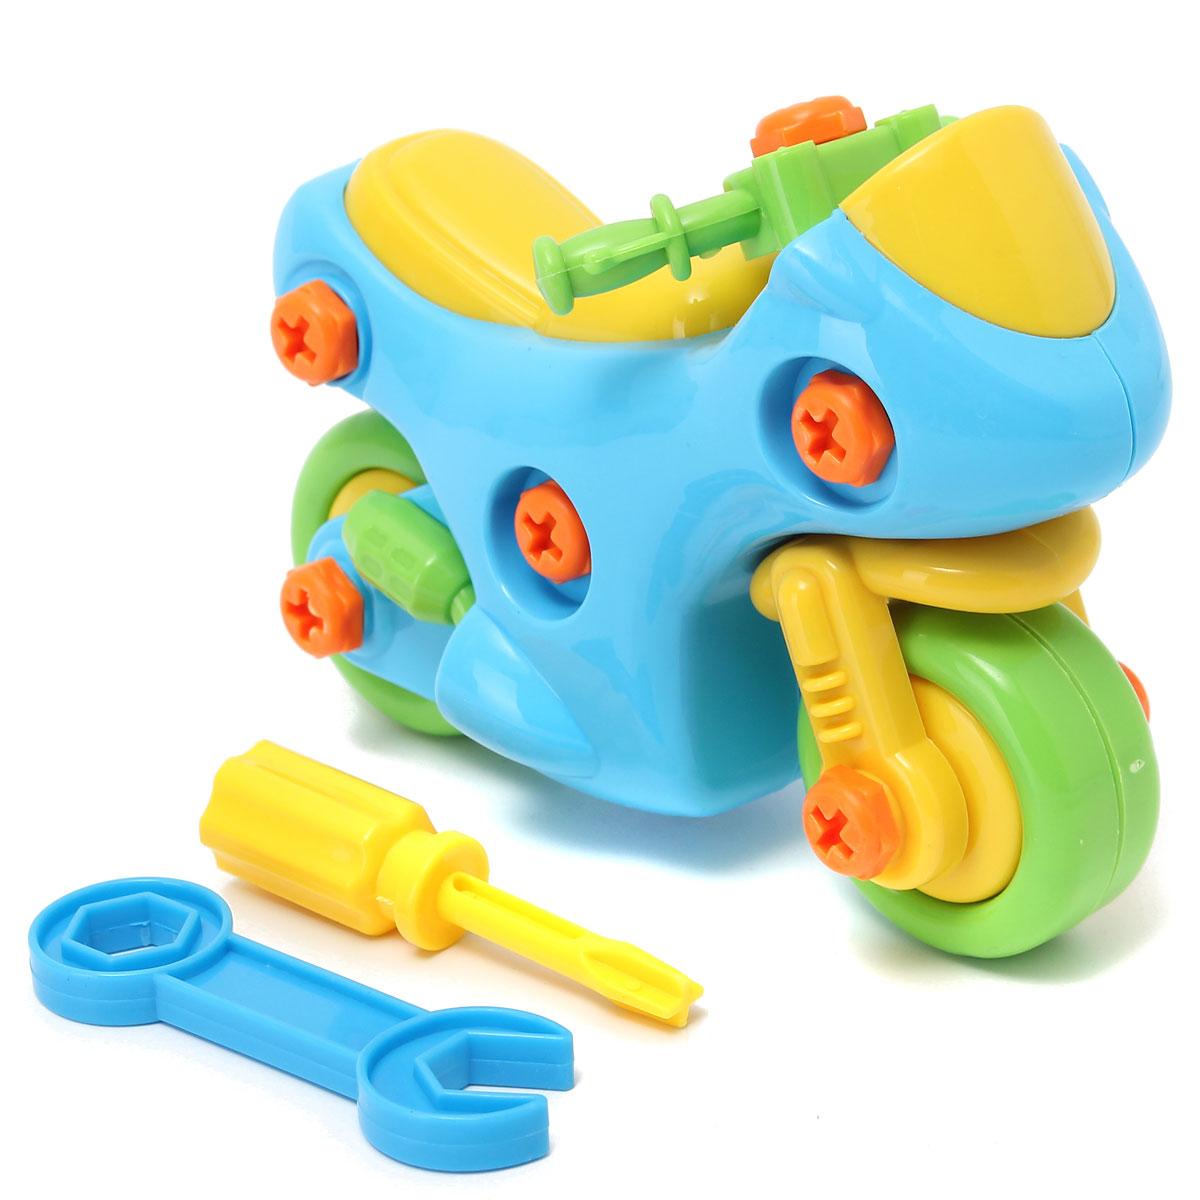 Baby Boy Toys : Motorcycle shape kids child baby boy disassembly assembly